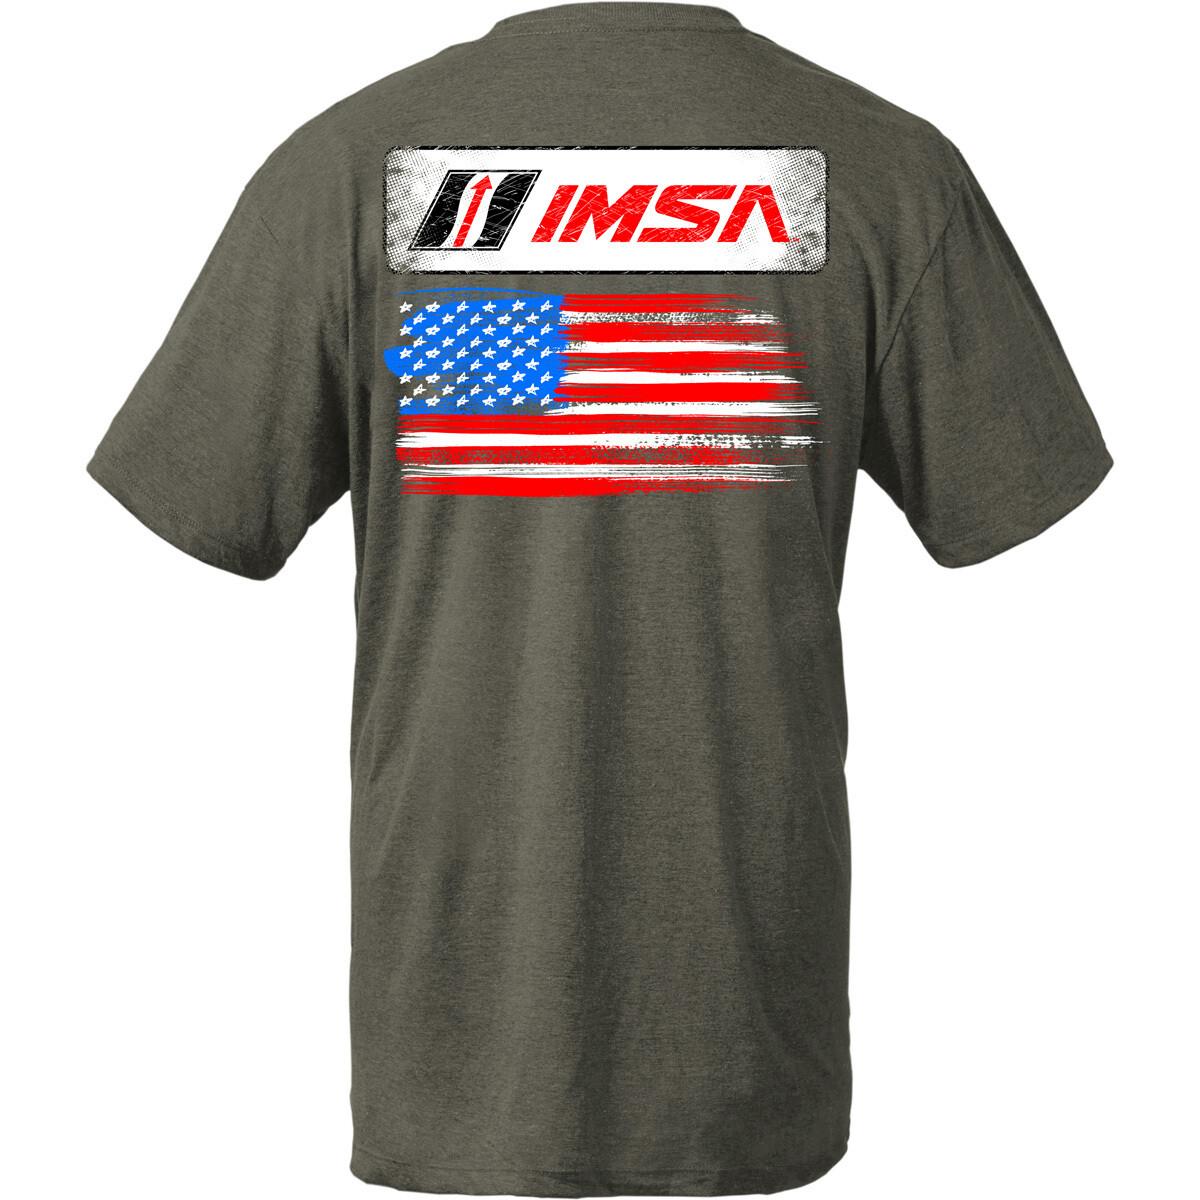 IMSA Flag Design Olive Heather-Medium